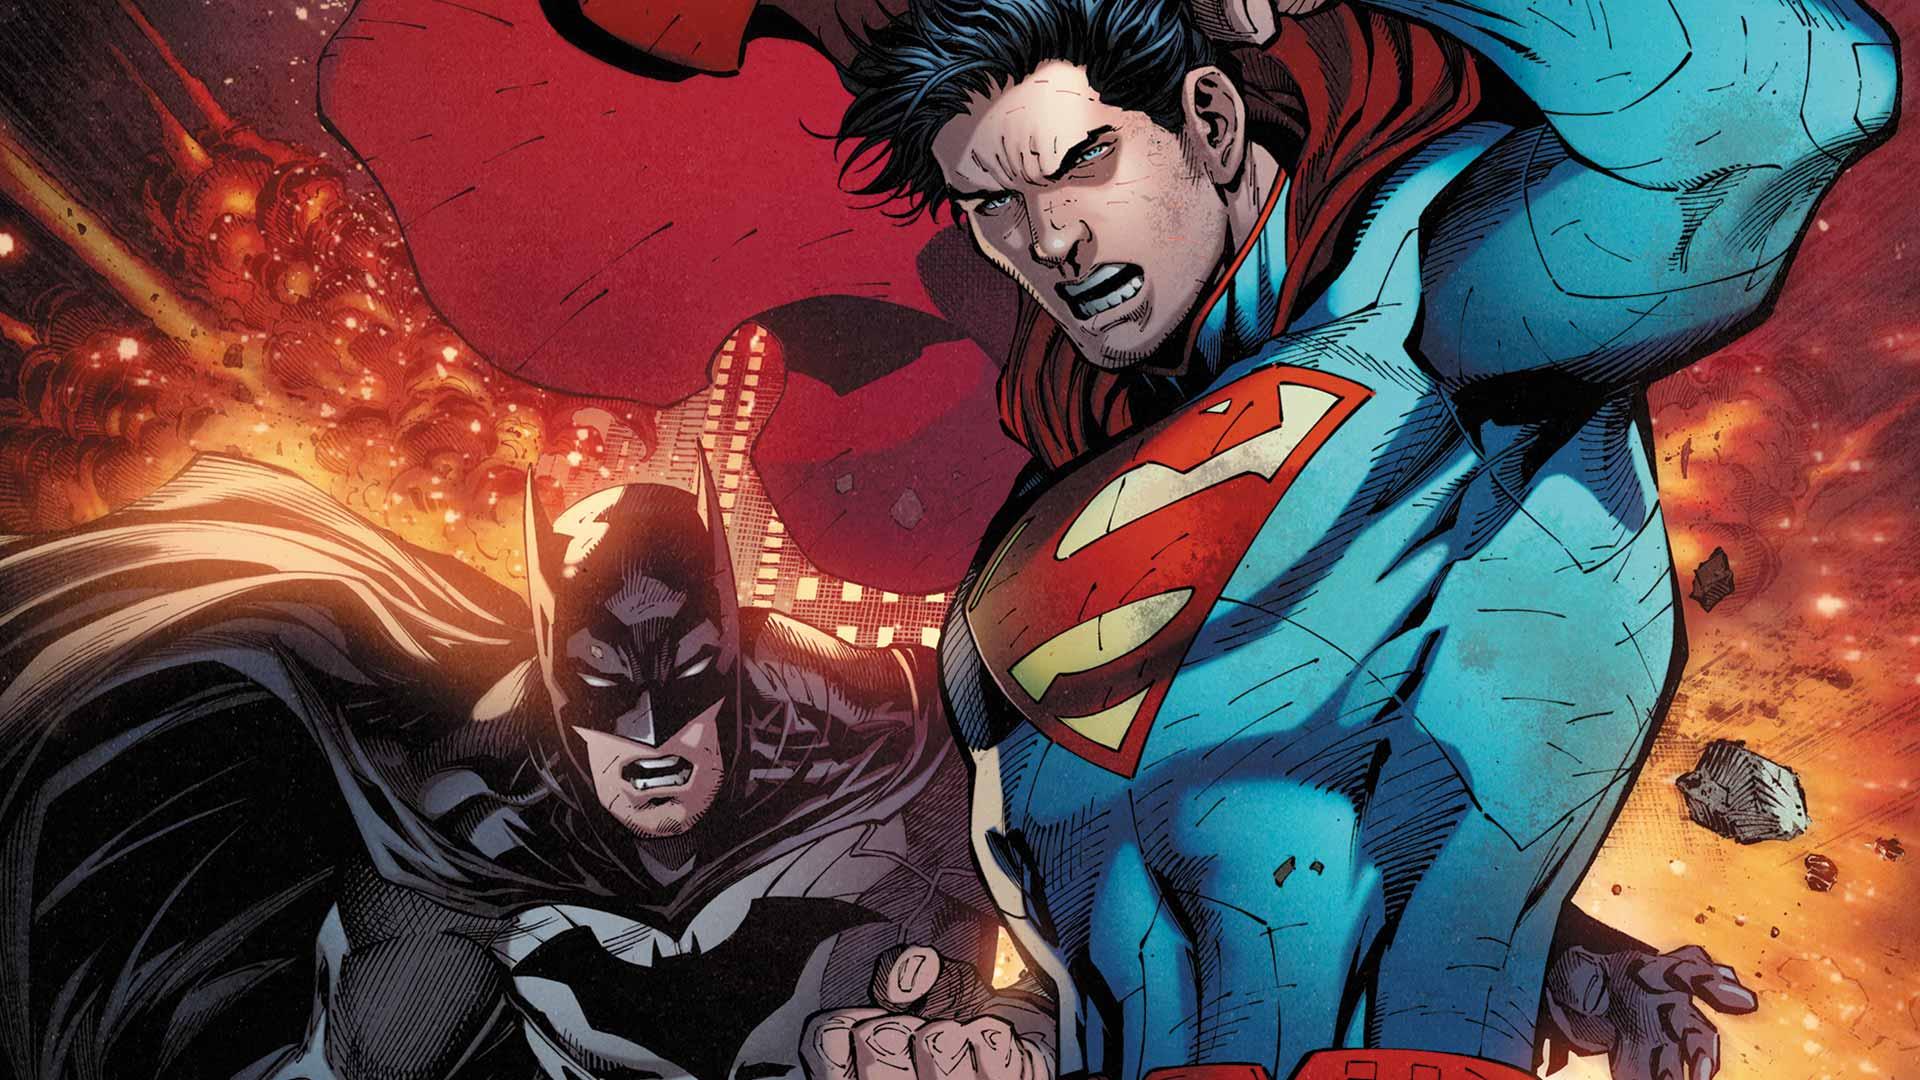 DC Comics presenta portadas variantes inspiradas en Batman v Superman